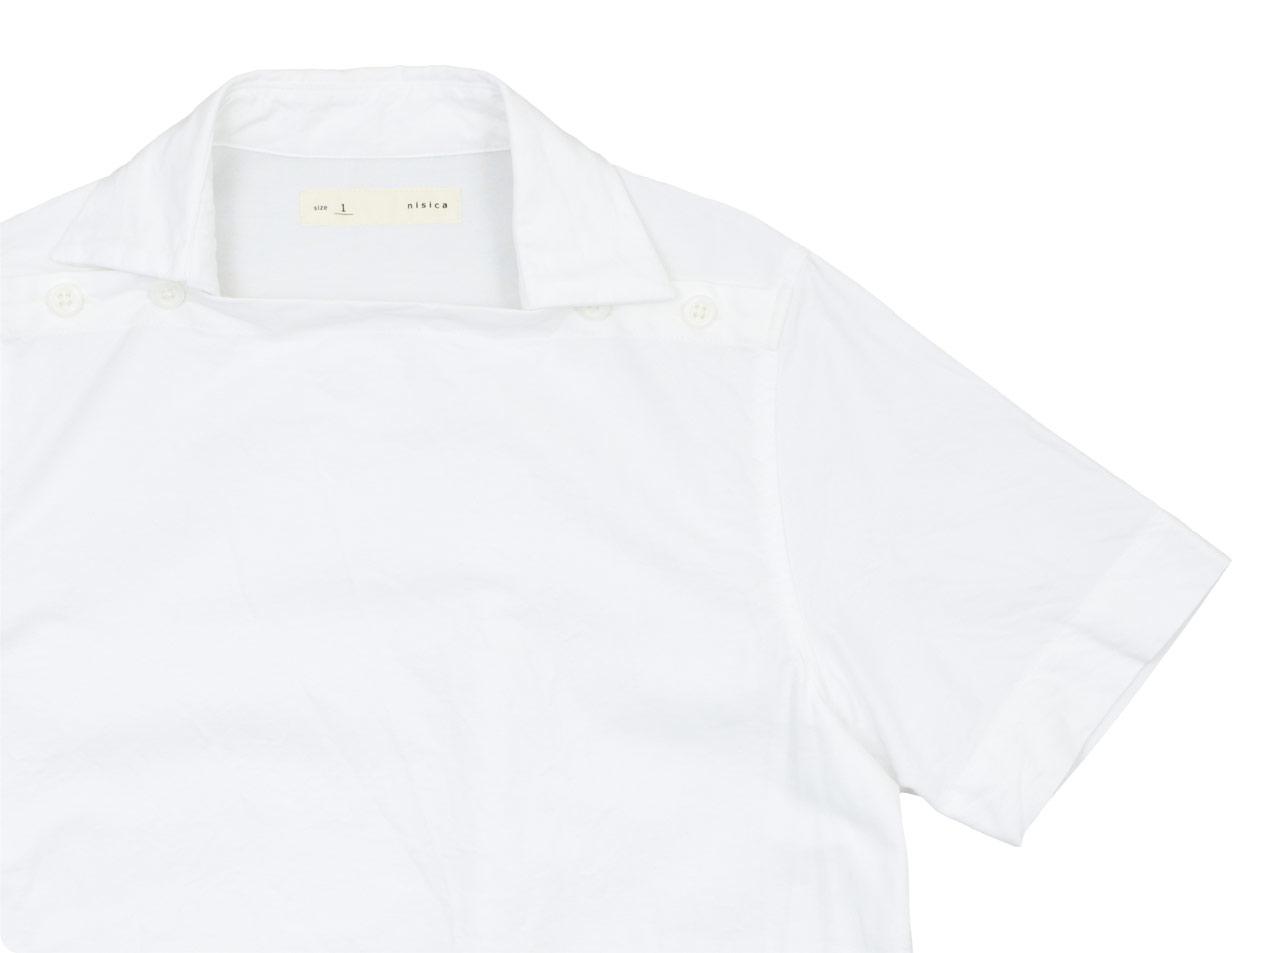 nisica デッキマンシャツ 半袖